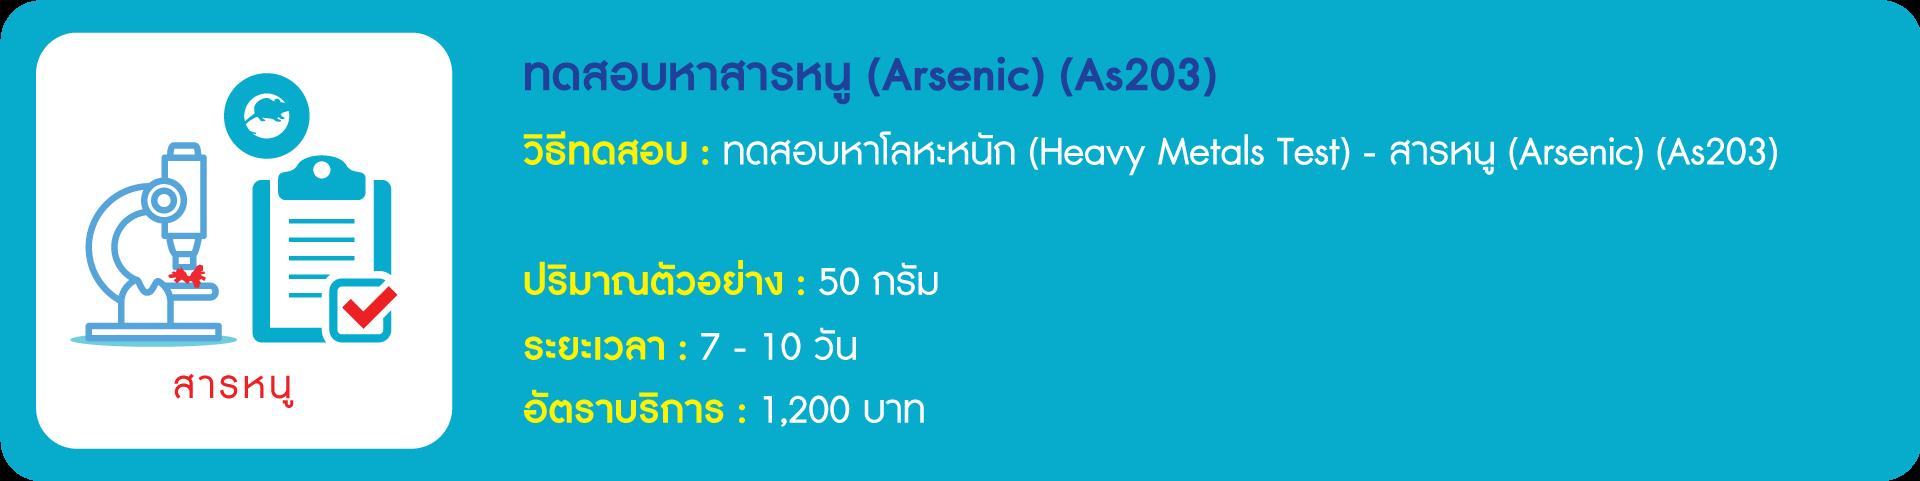 สารหนู (Arsenic) (As203)